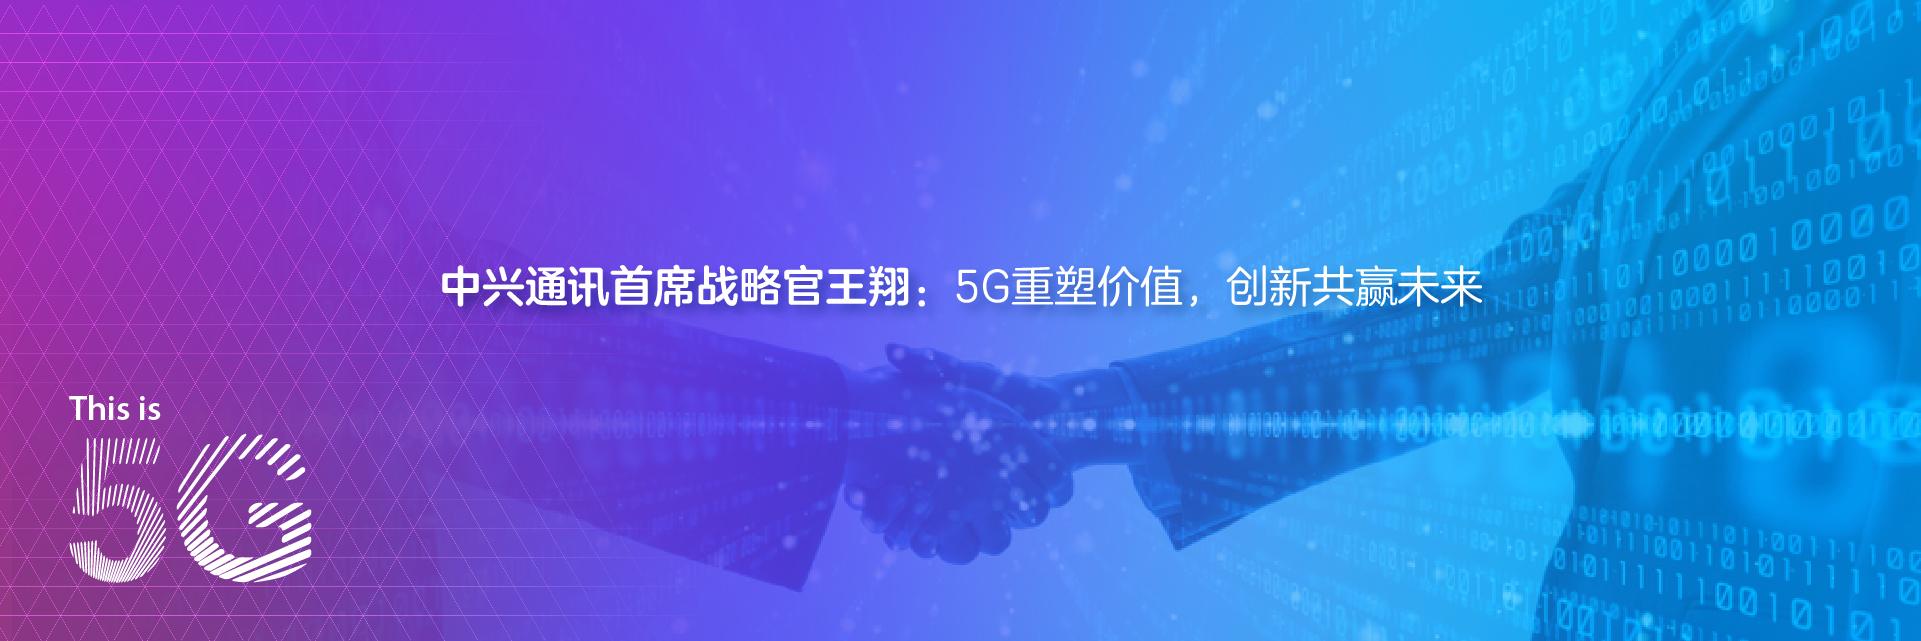 中兴通讯首席战略官王翔:5G重塑价值,创新共赢未来